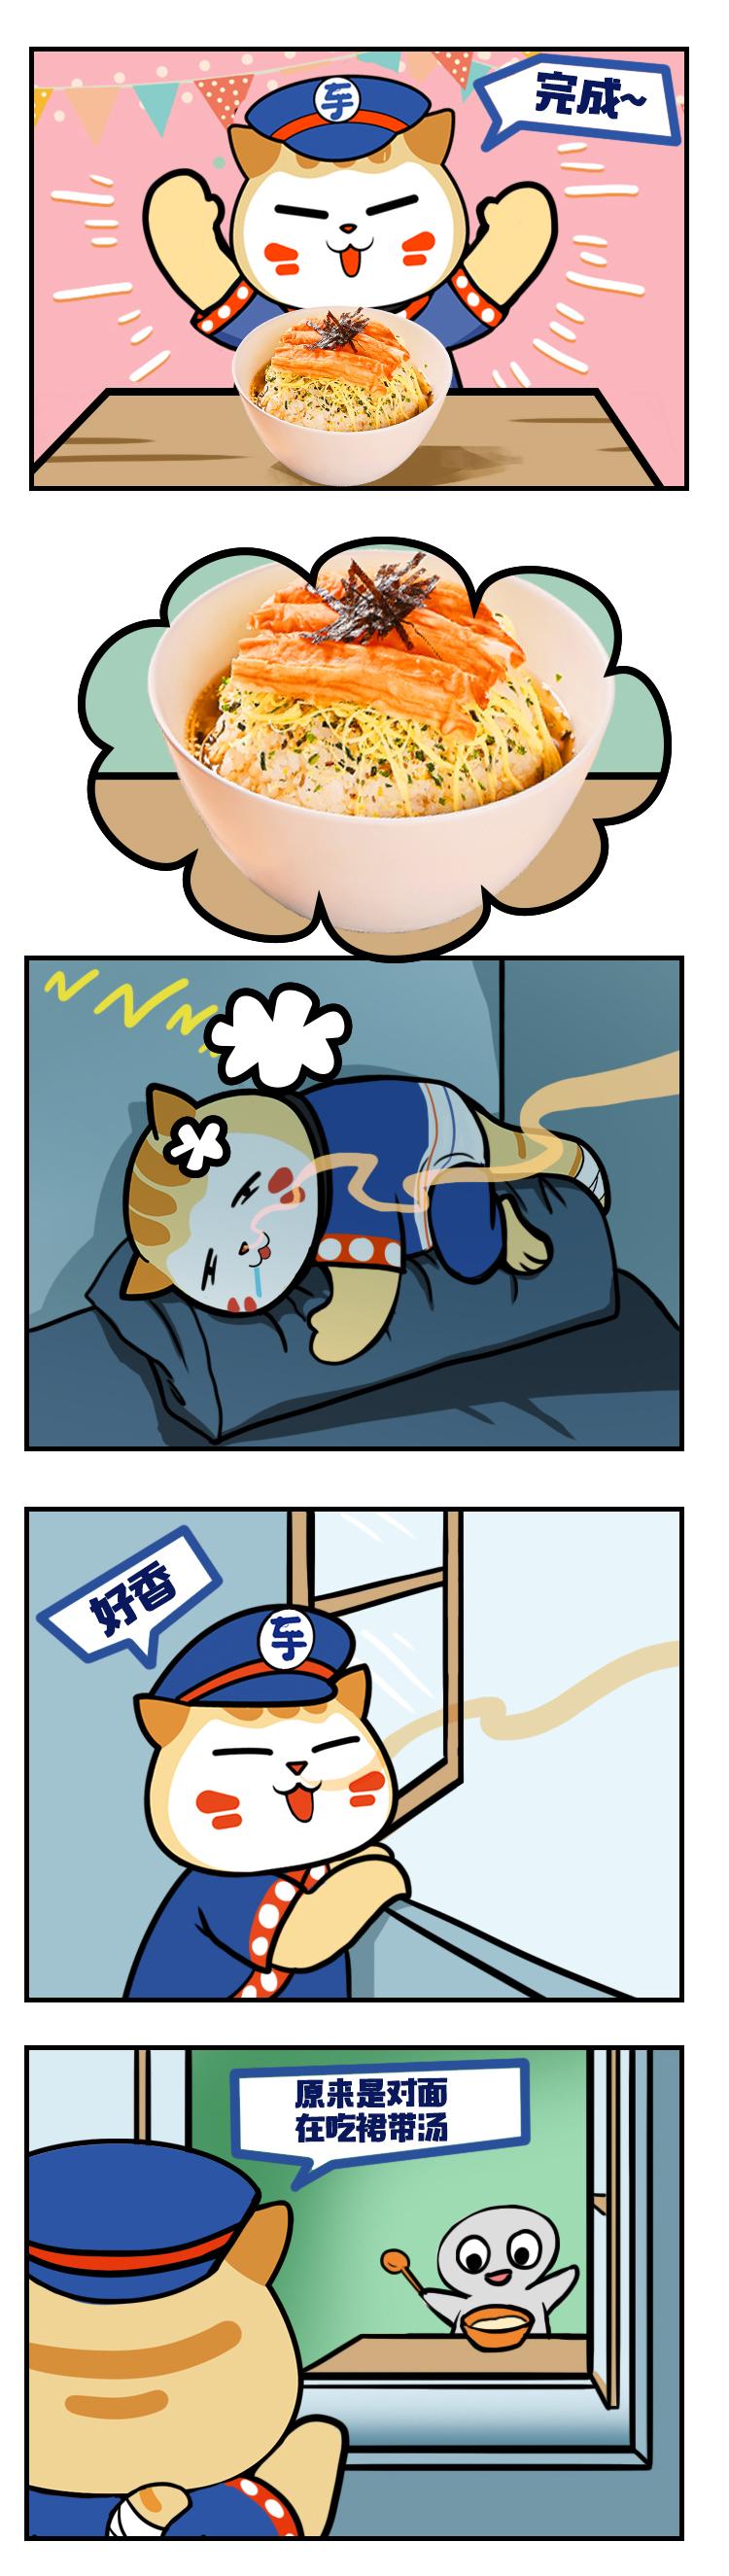 车前双12漫画切_02.jpg